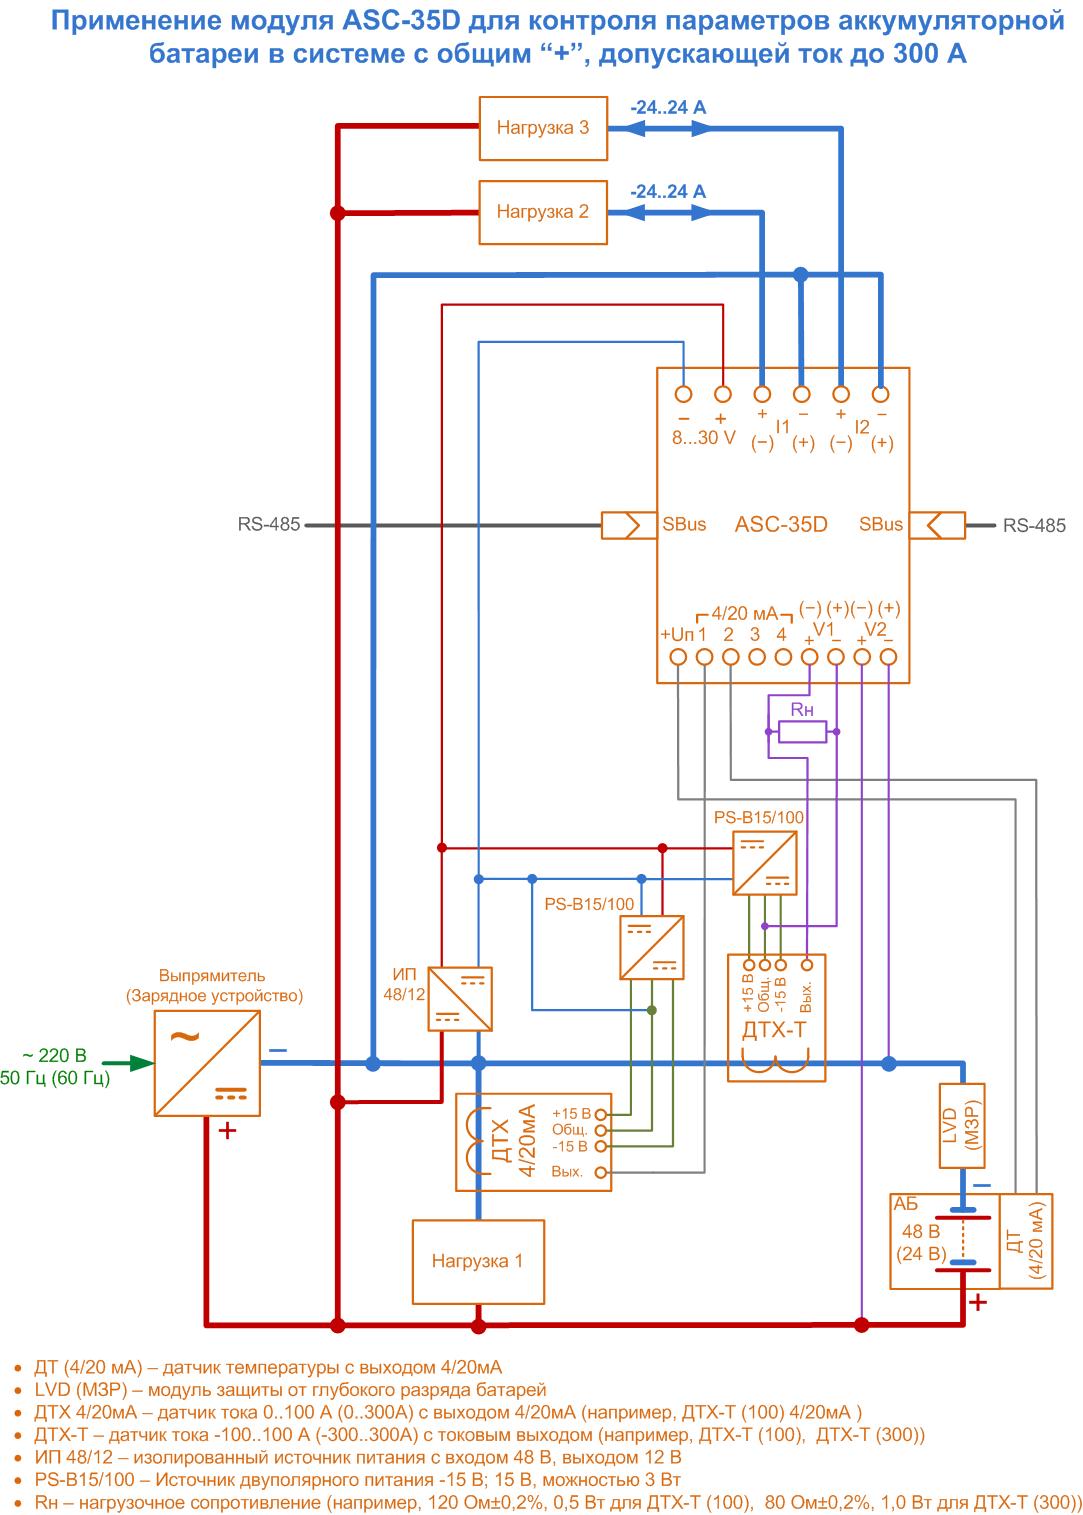 Применение модуля ASC-35D для контроля параметров аккумуляторной батареи допускающей ток до 300 А